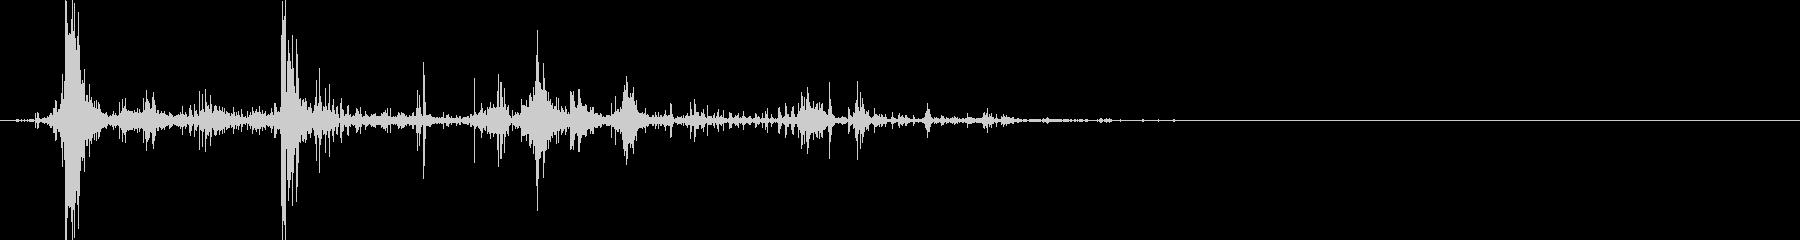 インパクトボーンクランチの未再生の波形